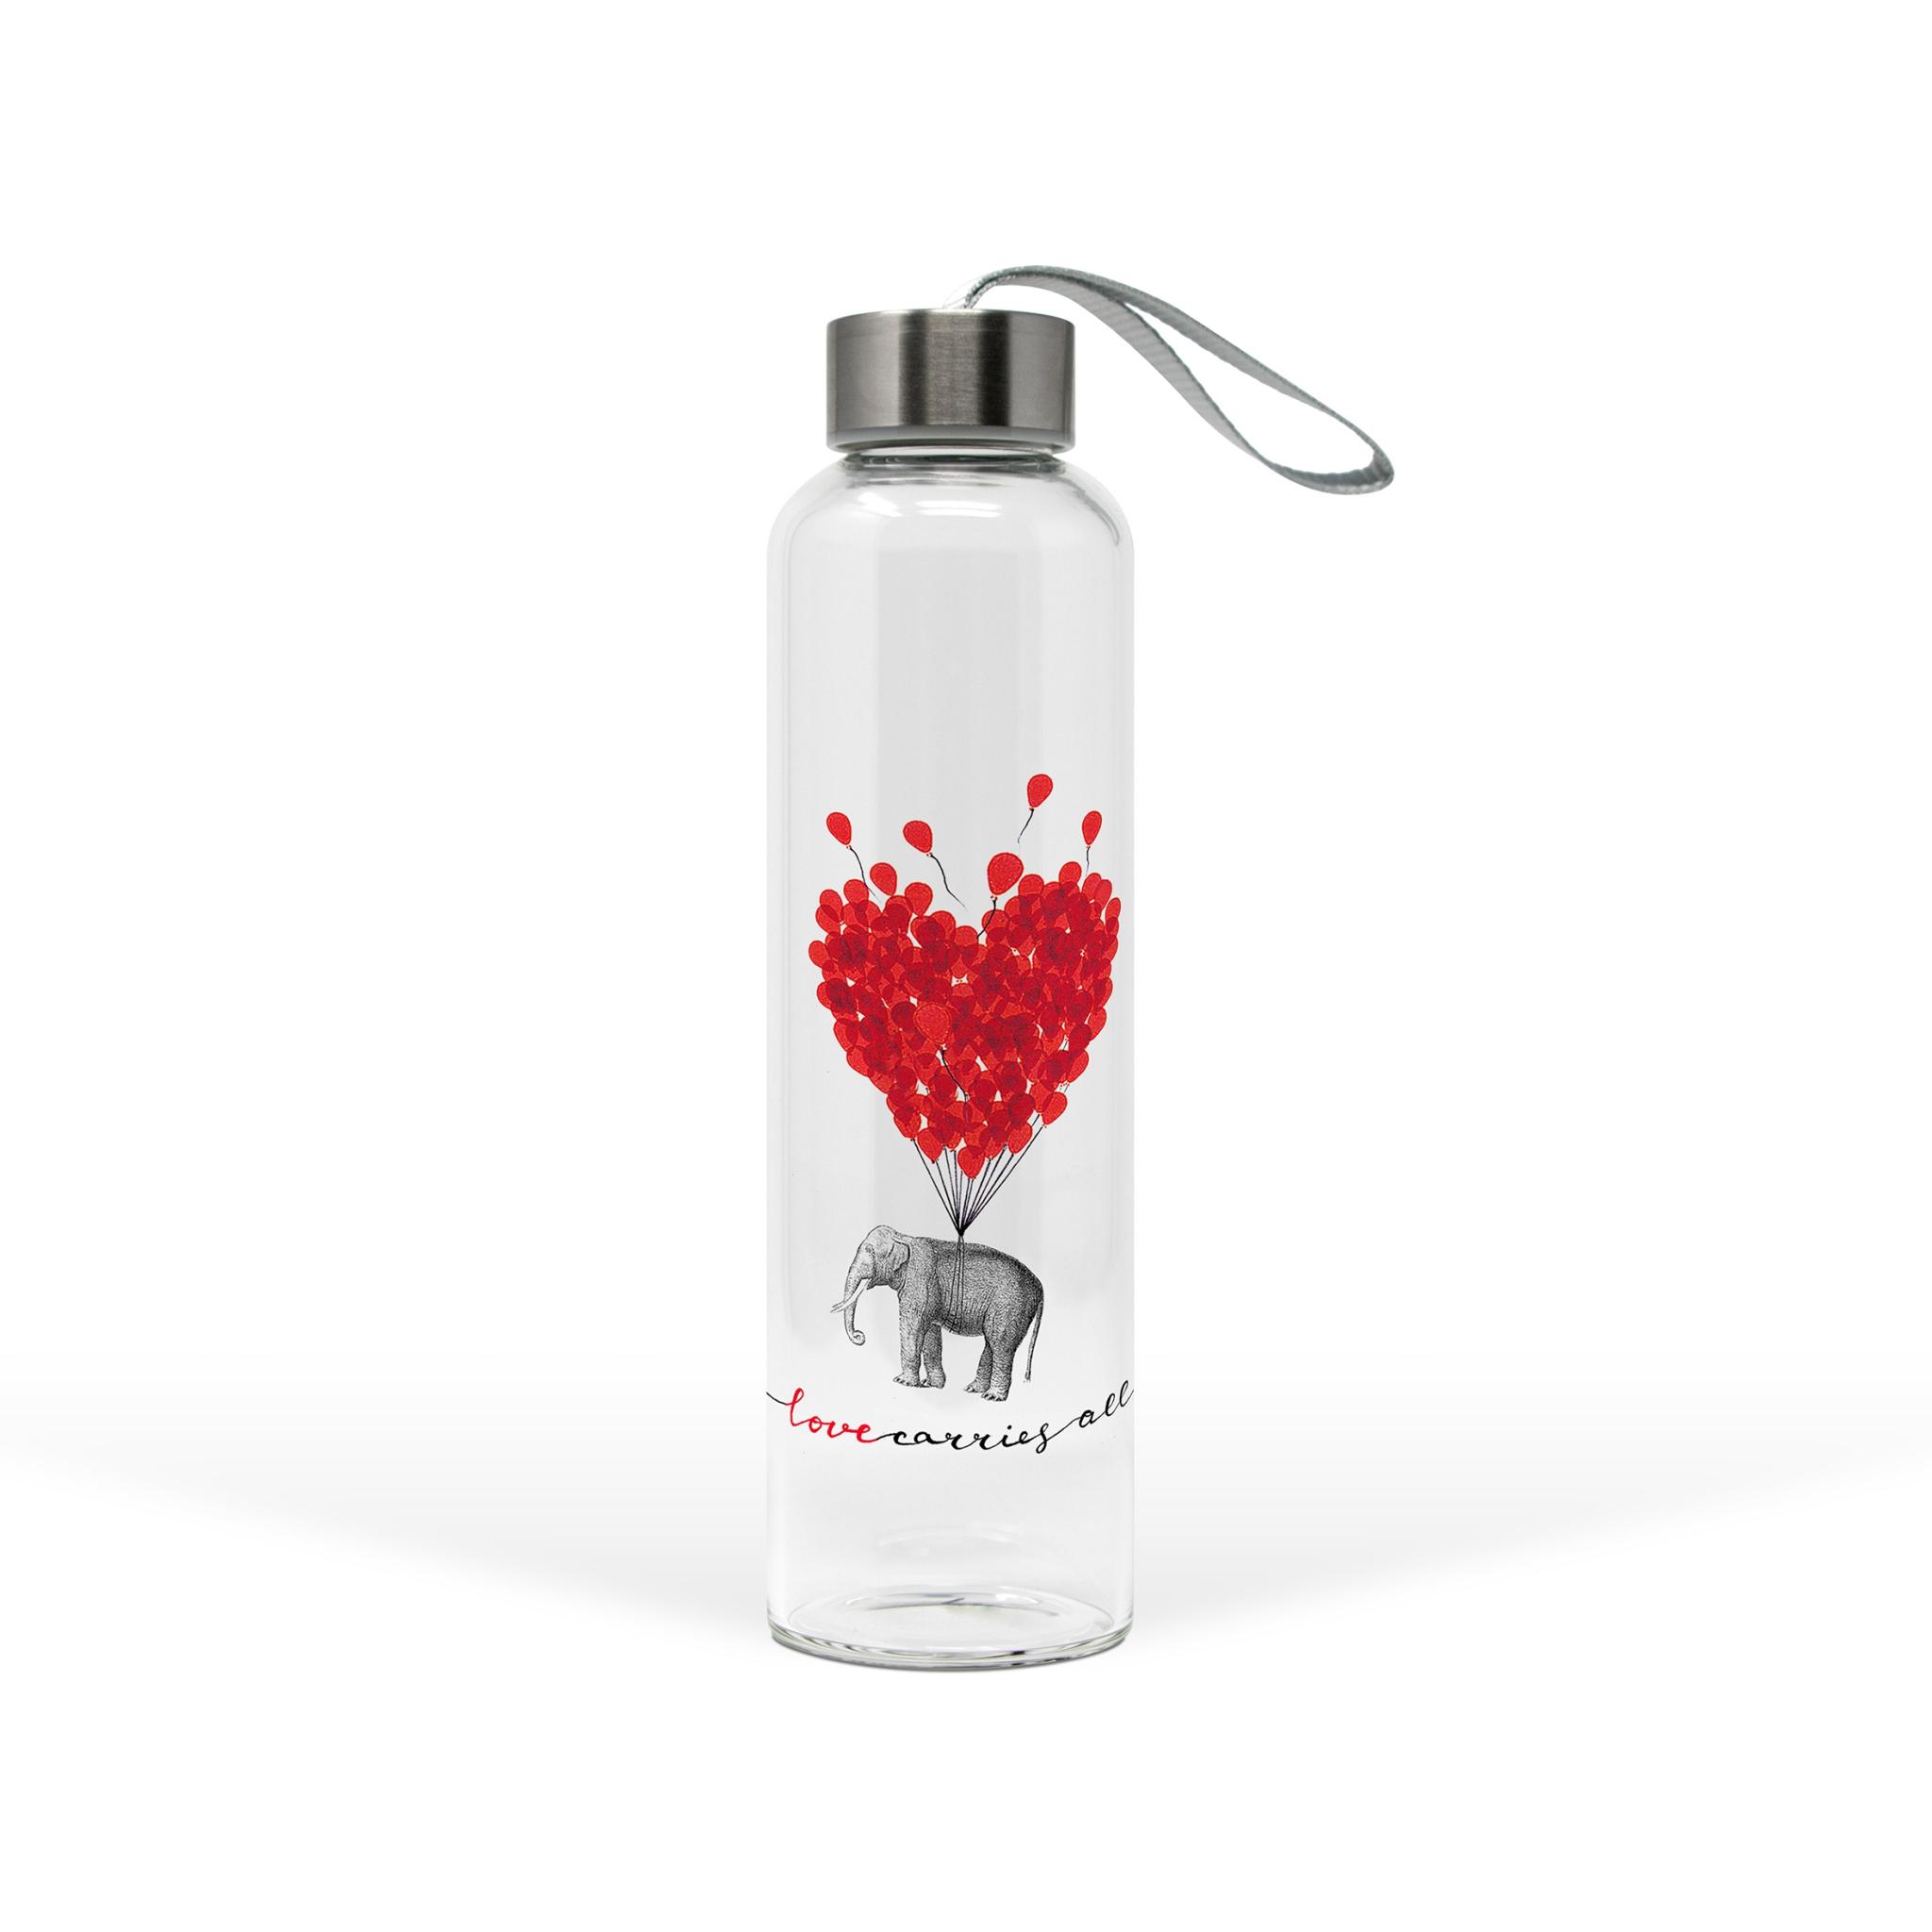 Glasflasche - Liebe trägt alles